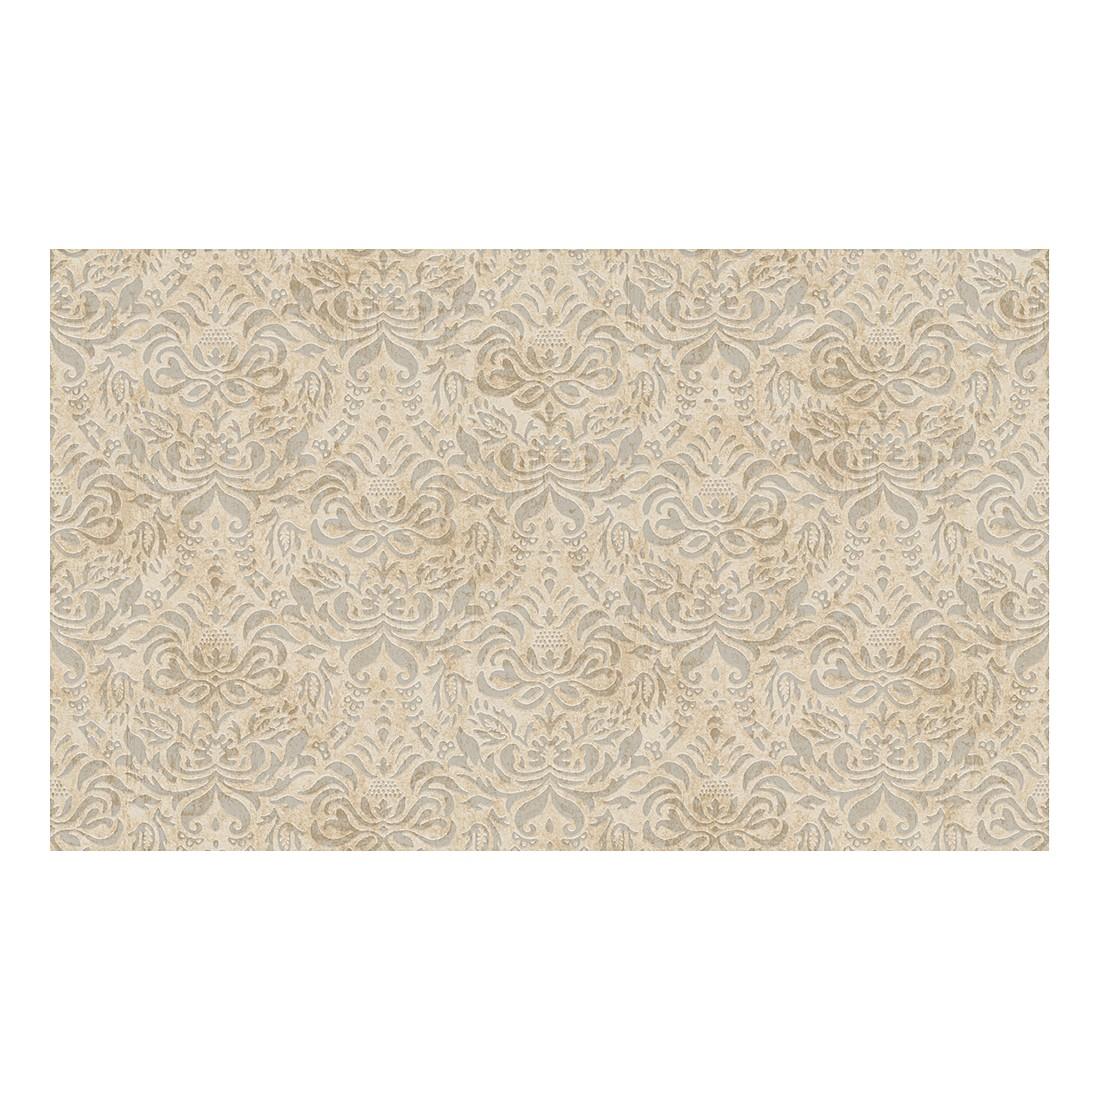 Tapete Bohemian – beige – creme – metallic – strukturiert, Home24Deko günstig kaufen